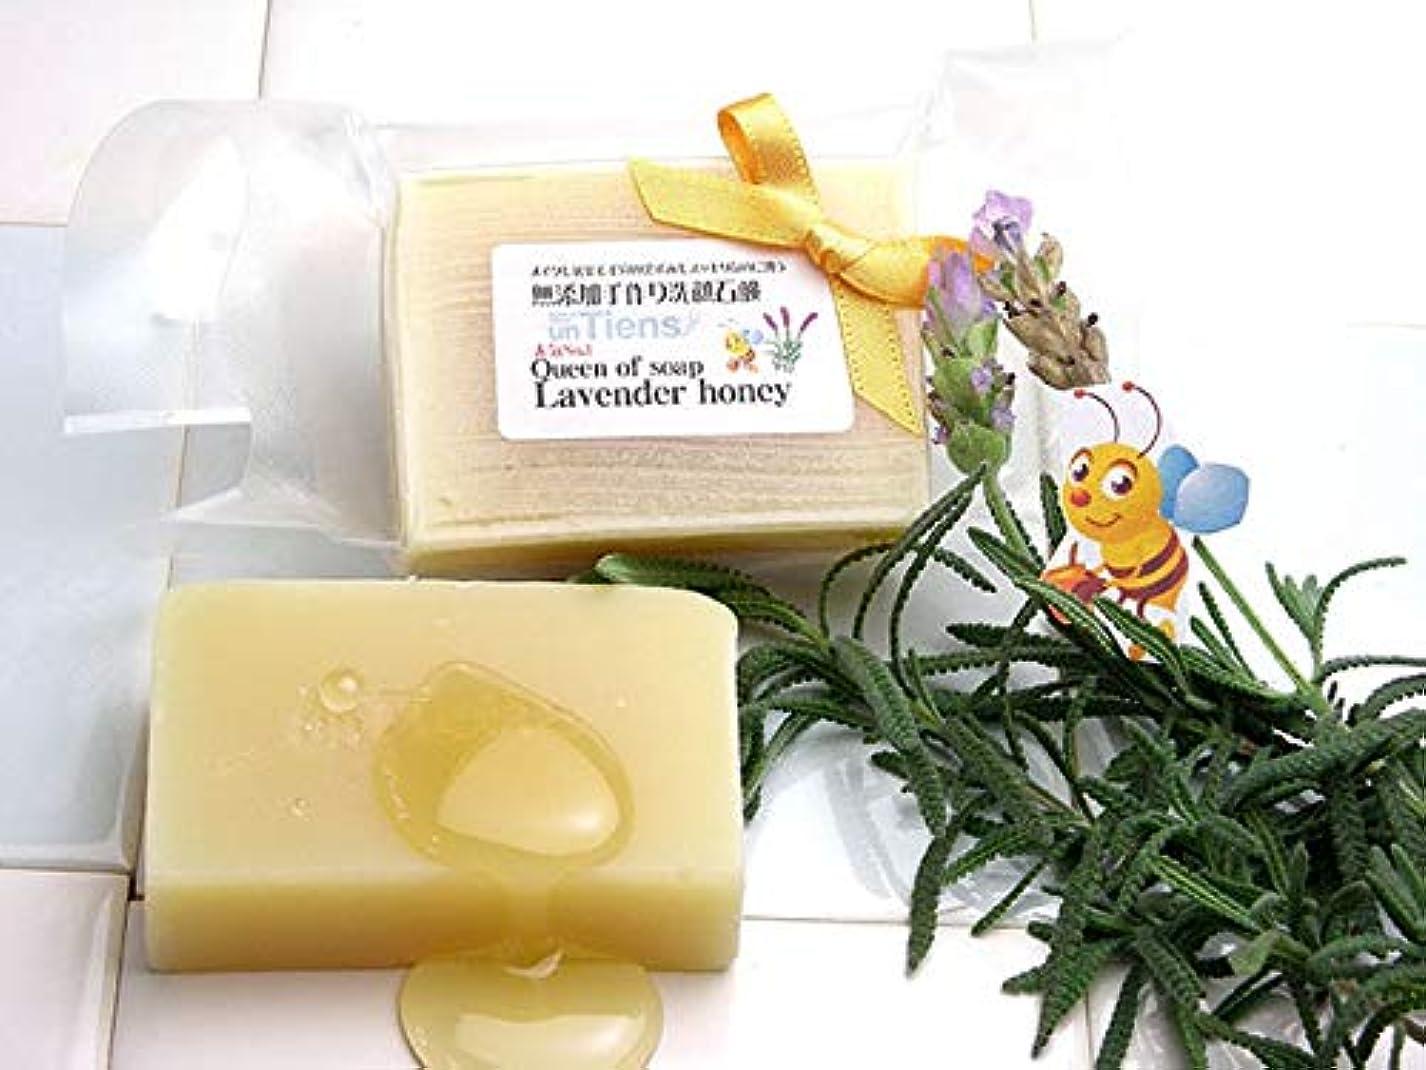 手作り石鹸アンティアン クイーンオブソープ 「ラベンダーハニー」 もっとお得な5個セット 200g